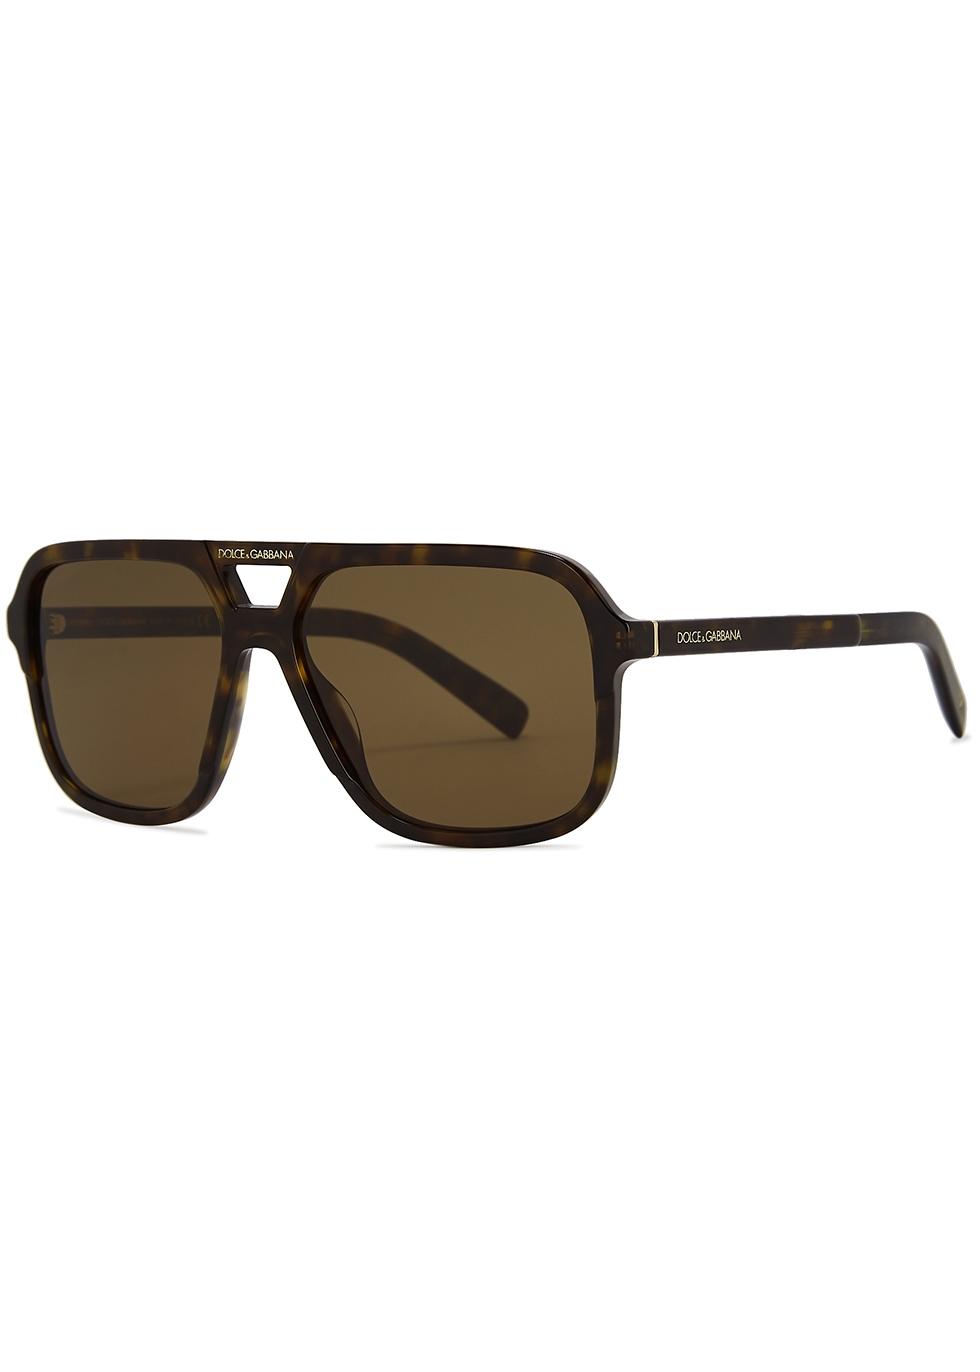 Tortoiseshell acetate aviator sunglasses - Dolce & Gabbana